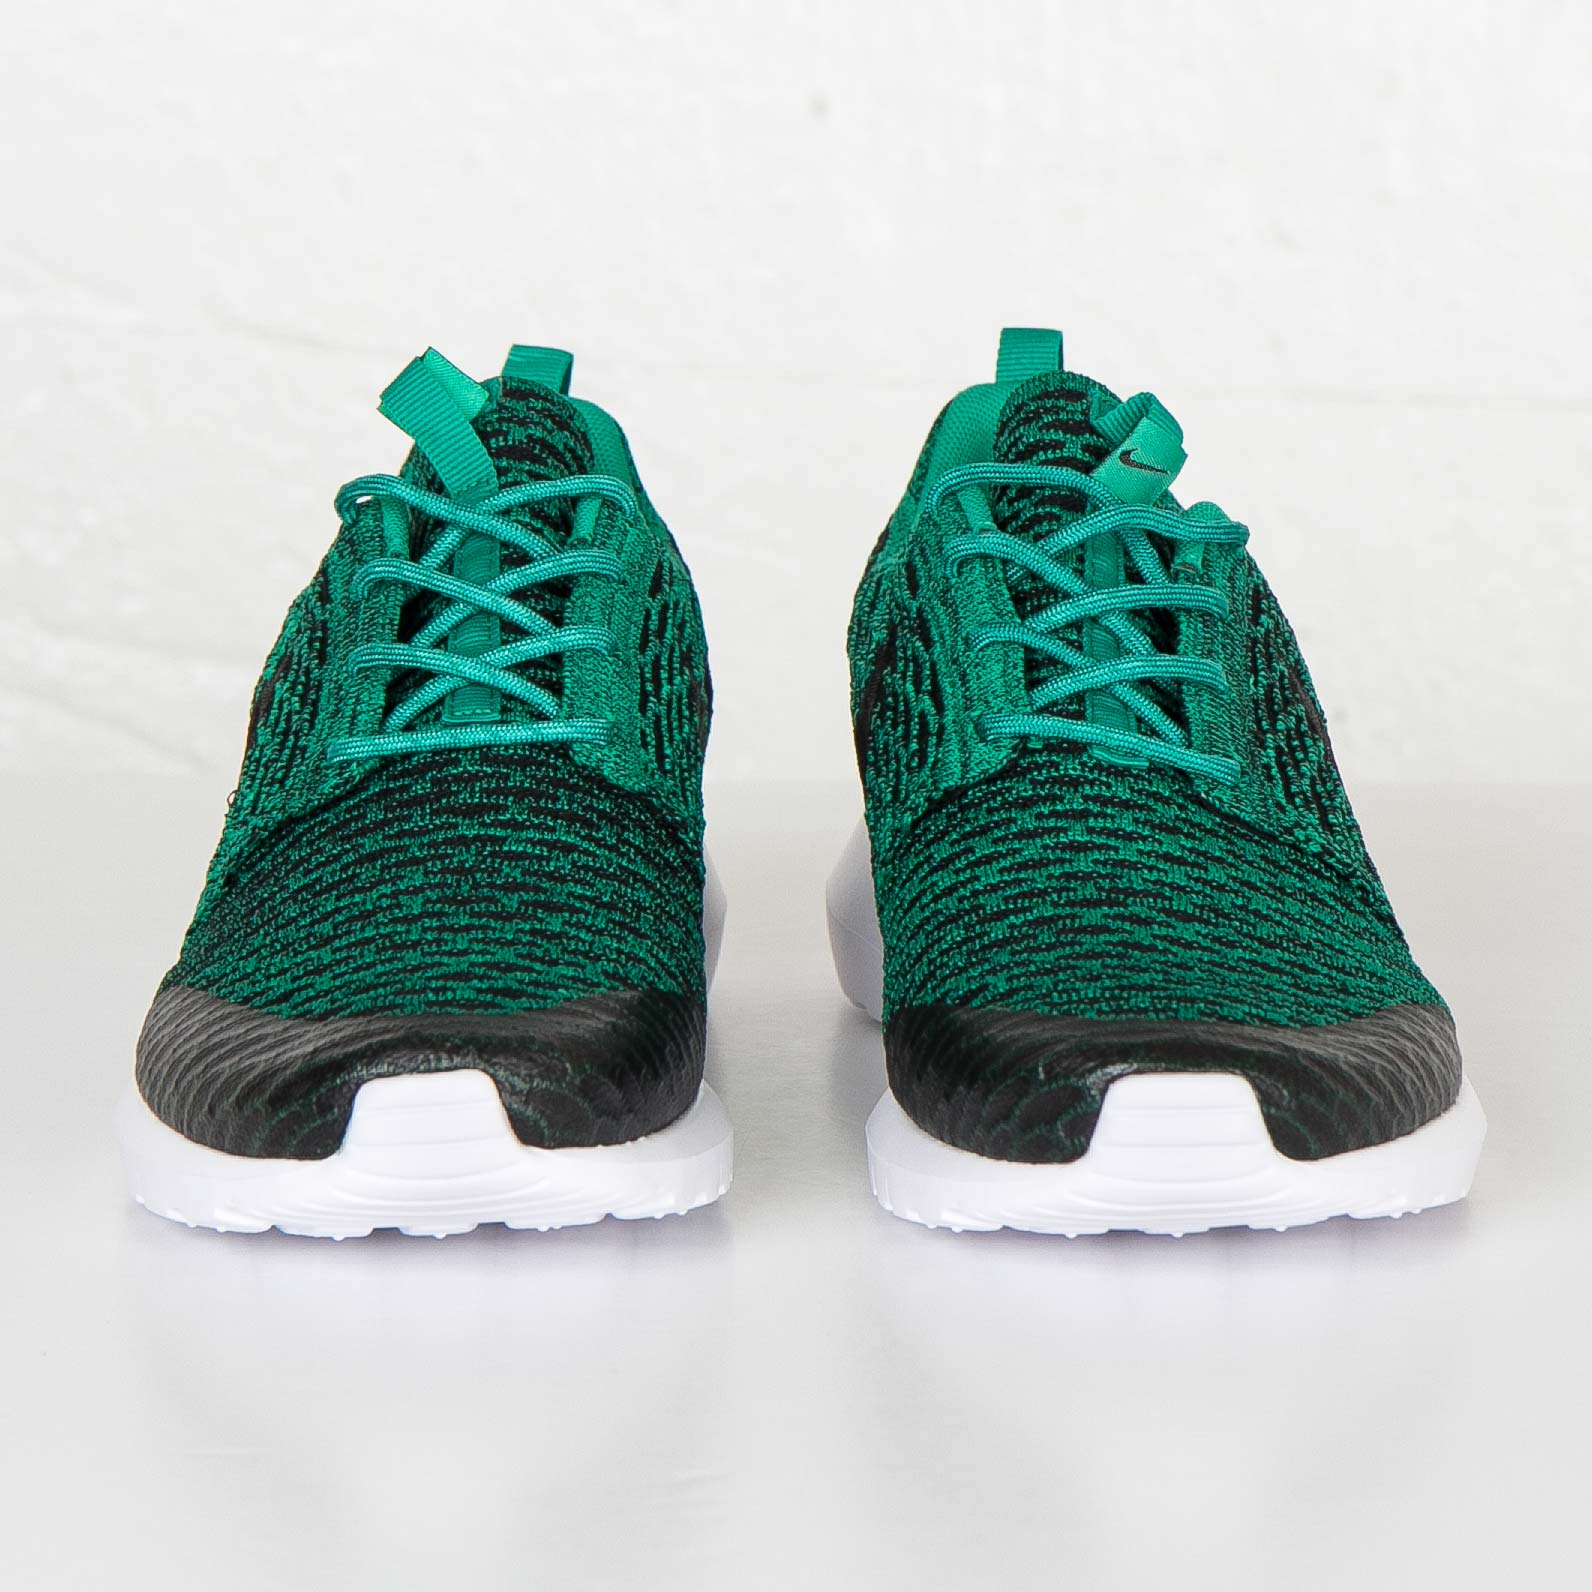 sale retailer 5e48e 26de3 Nike Roshe NM Flyknit se - 816531-300 - Sneakersnstuff   sneakers    streetwear online since 1999